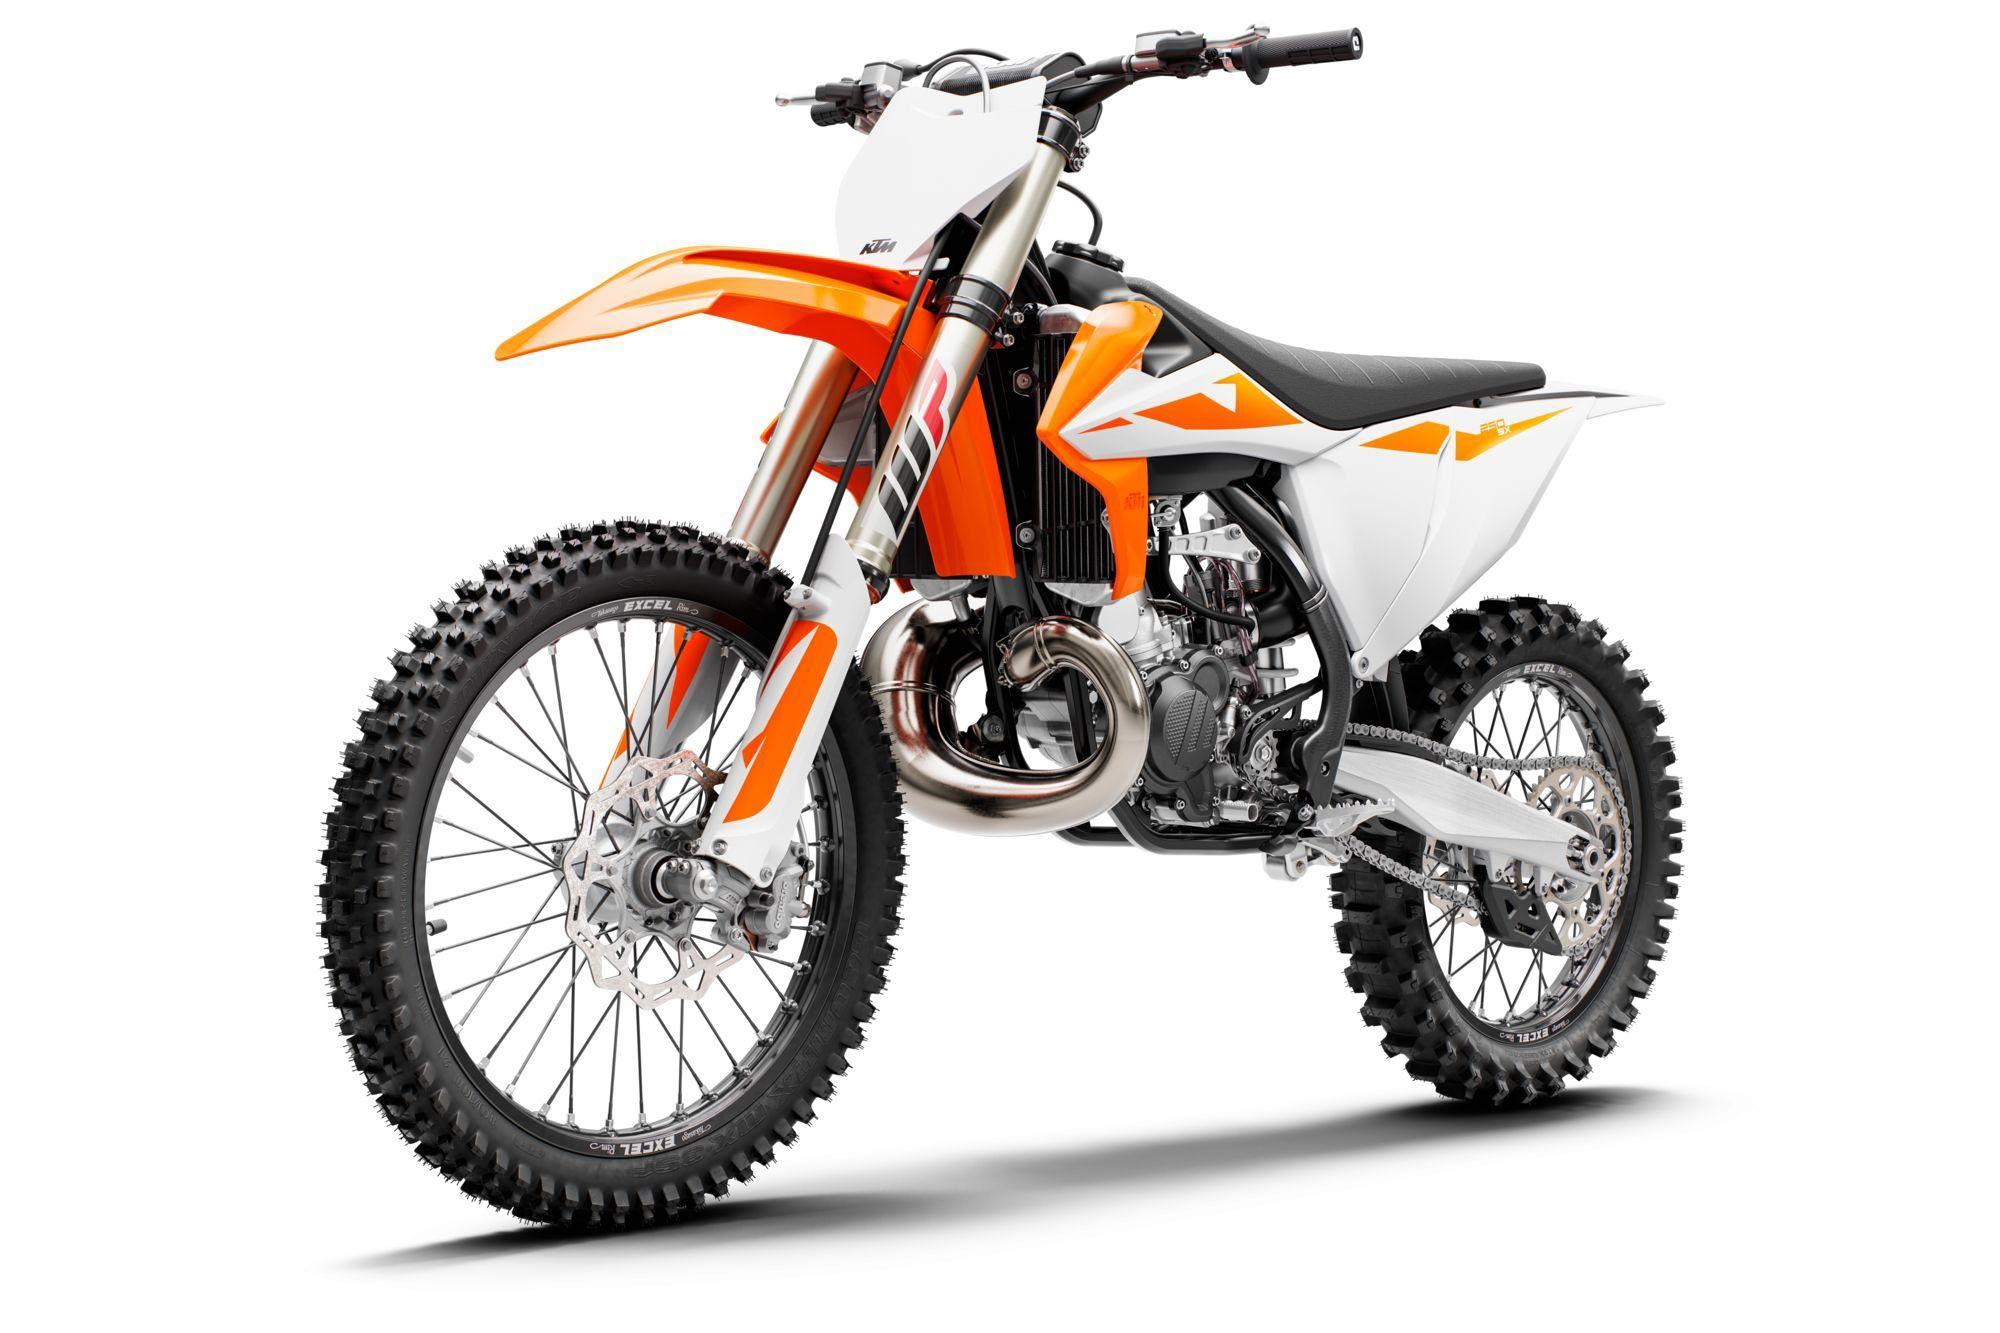 2020 Ktm 250 Sx Guide Ktm Ktm 250 Motorcycle Model